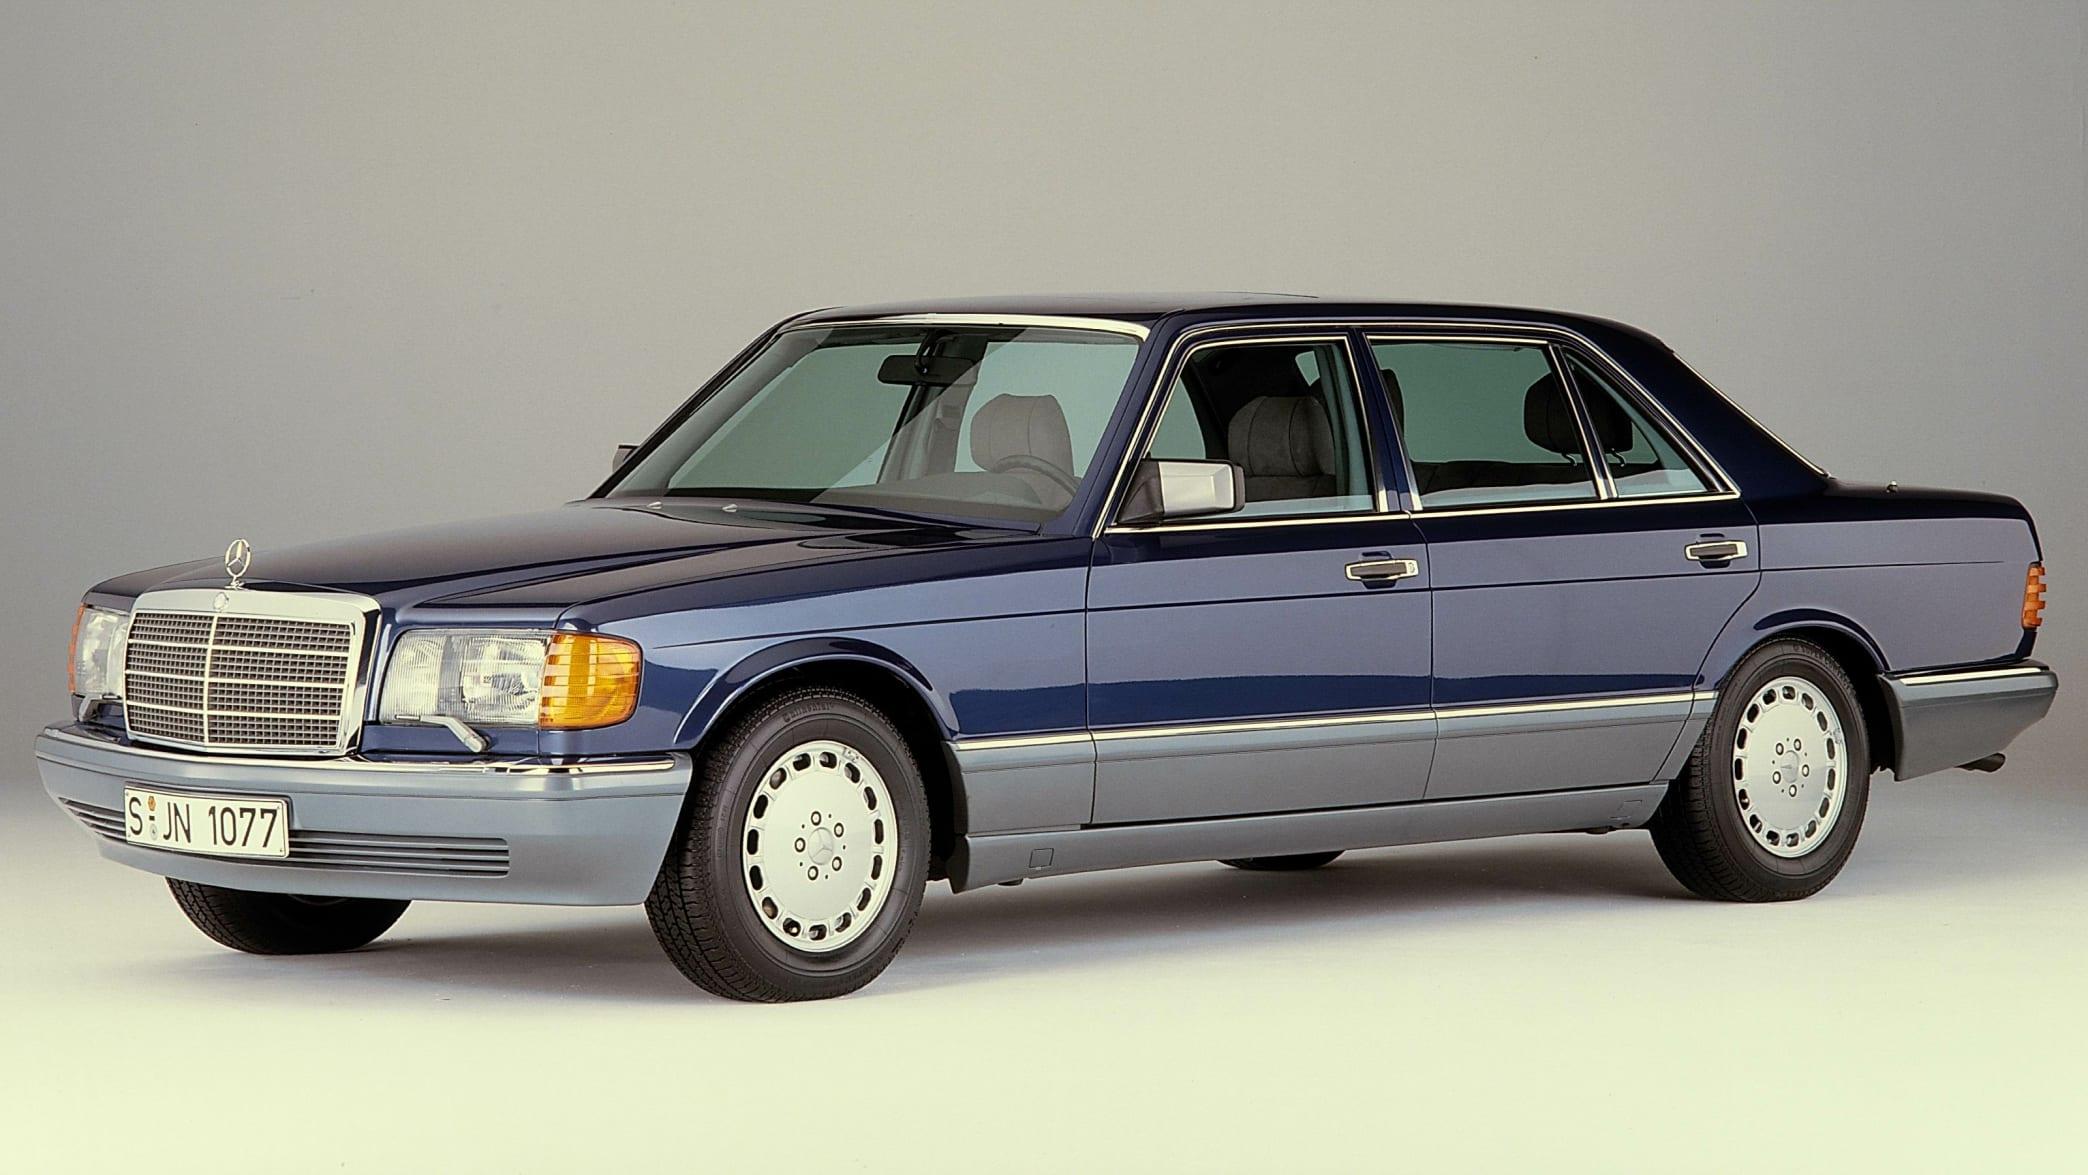 Mercedes-Benz S-Klasse Limousine der Baureihe W 126